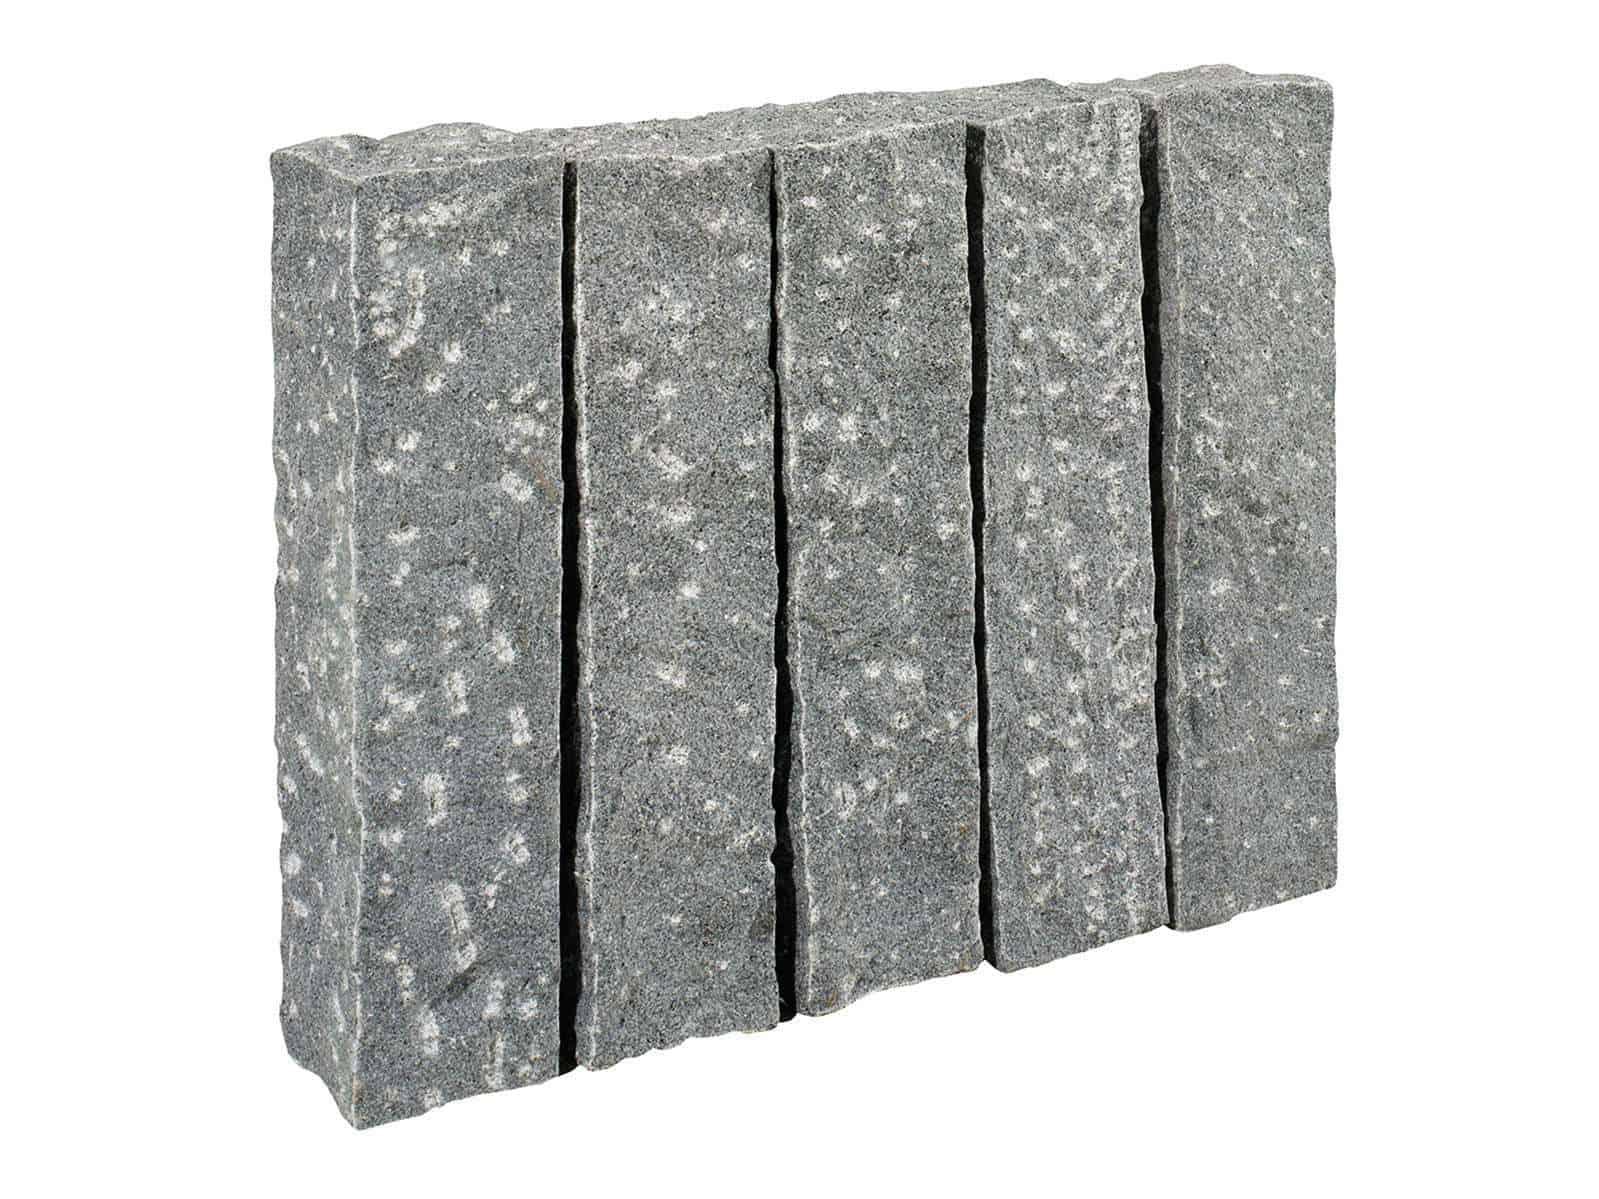 Palisade Granit Kristall anthrazit . Die grob gestockten/gespitzten Granitpalisaden sind handgearbeitet und dennoch relativ maflhaltig.